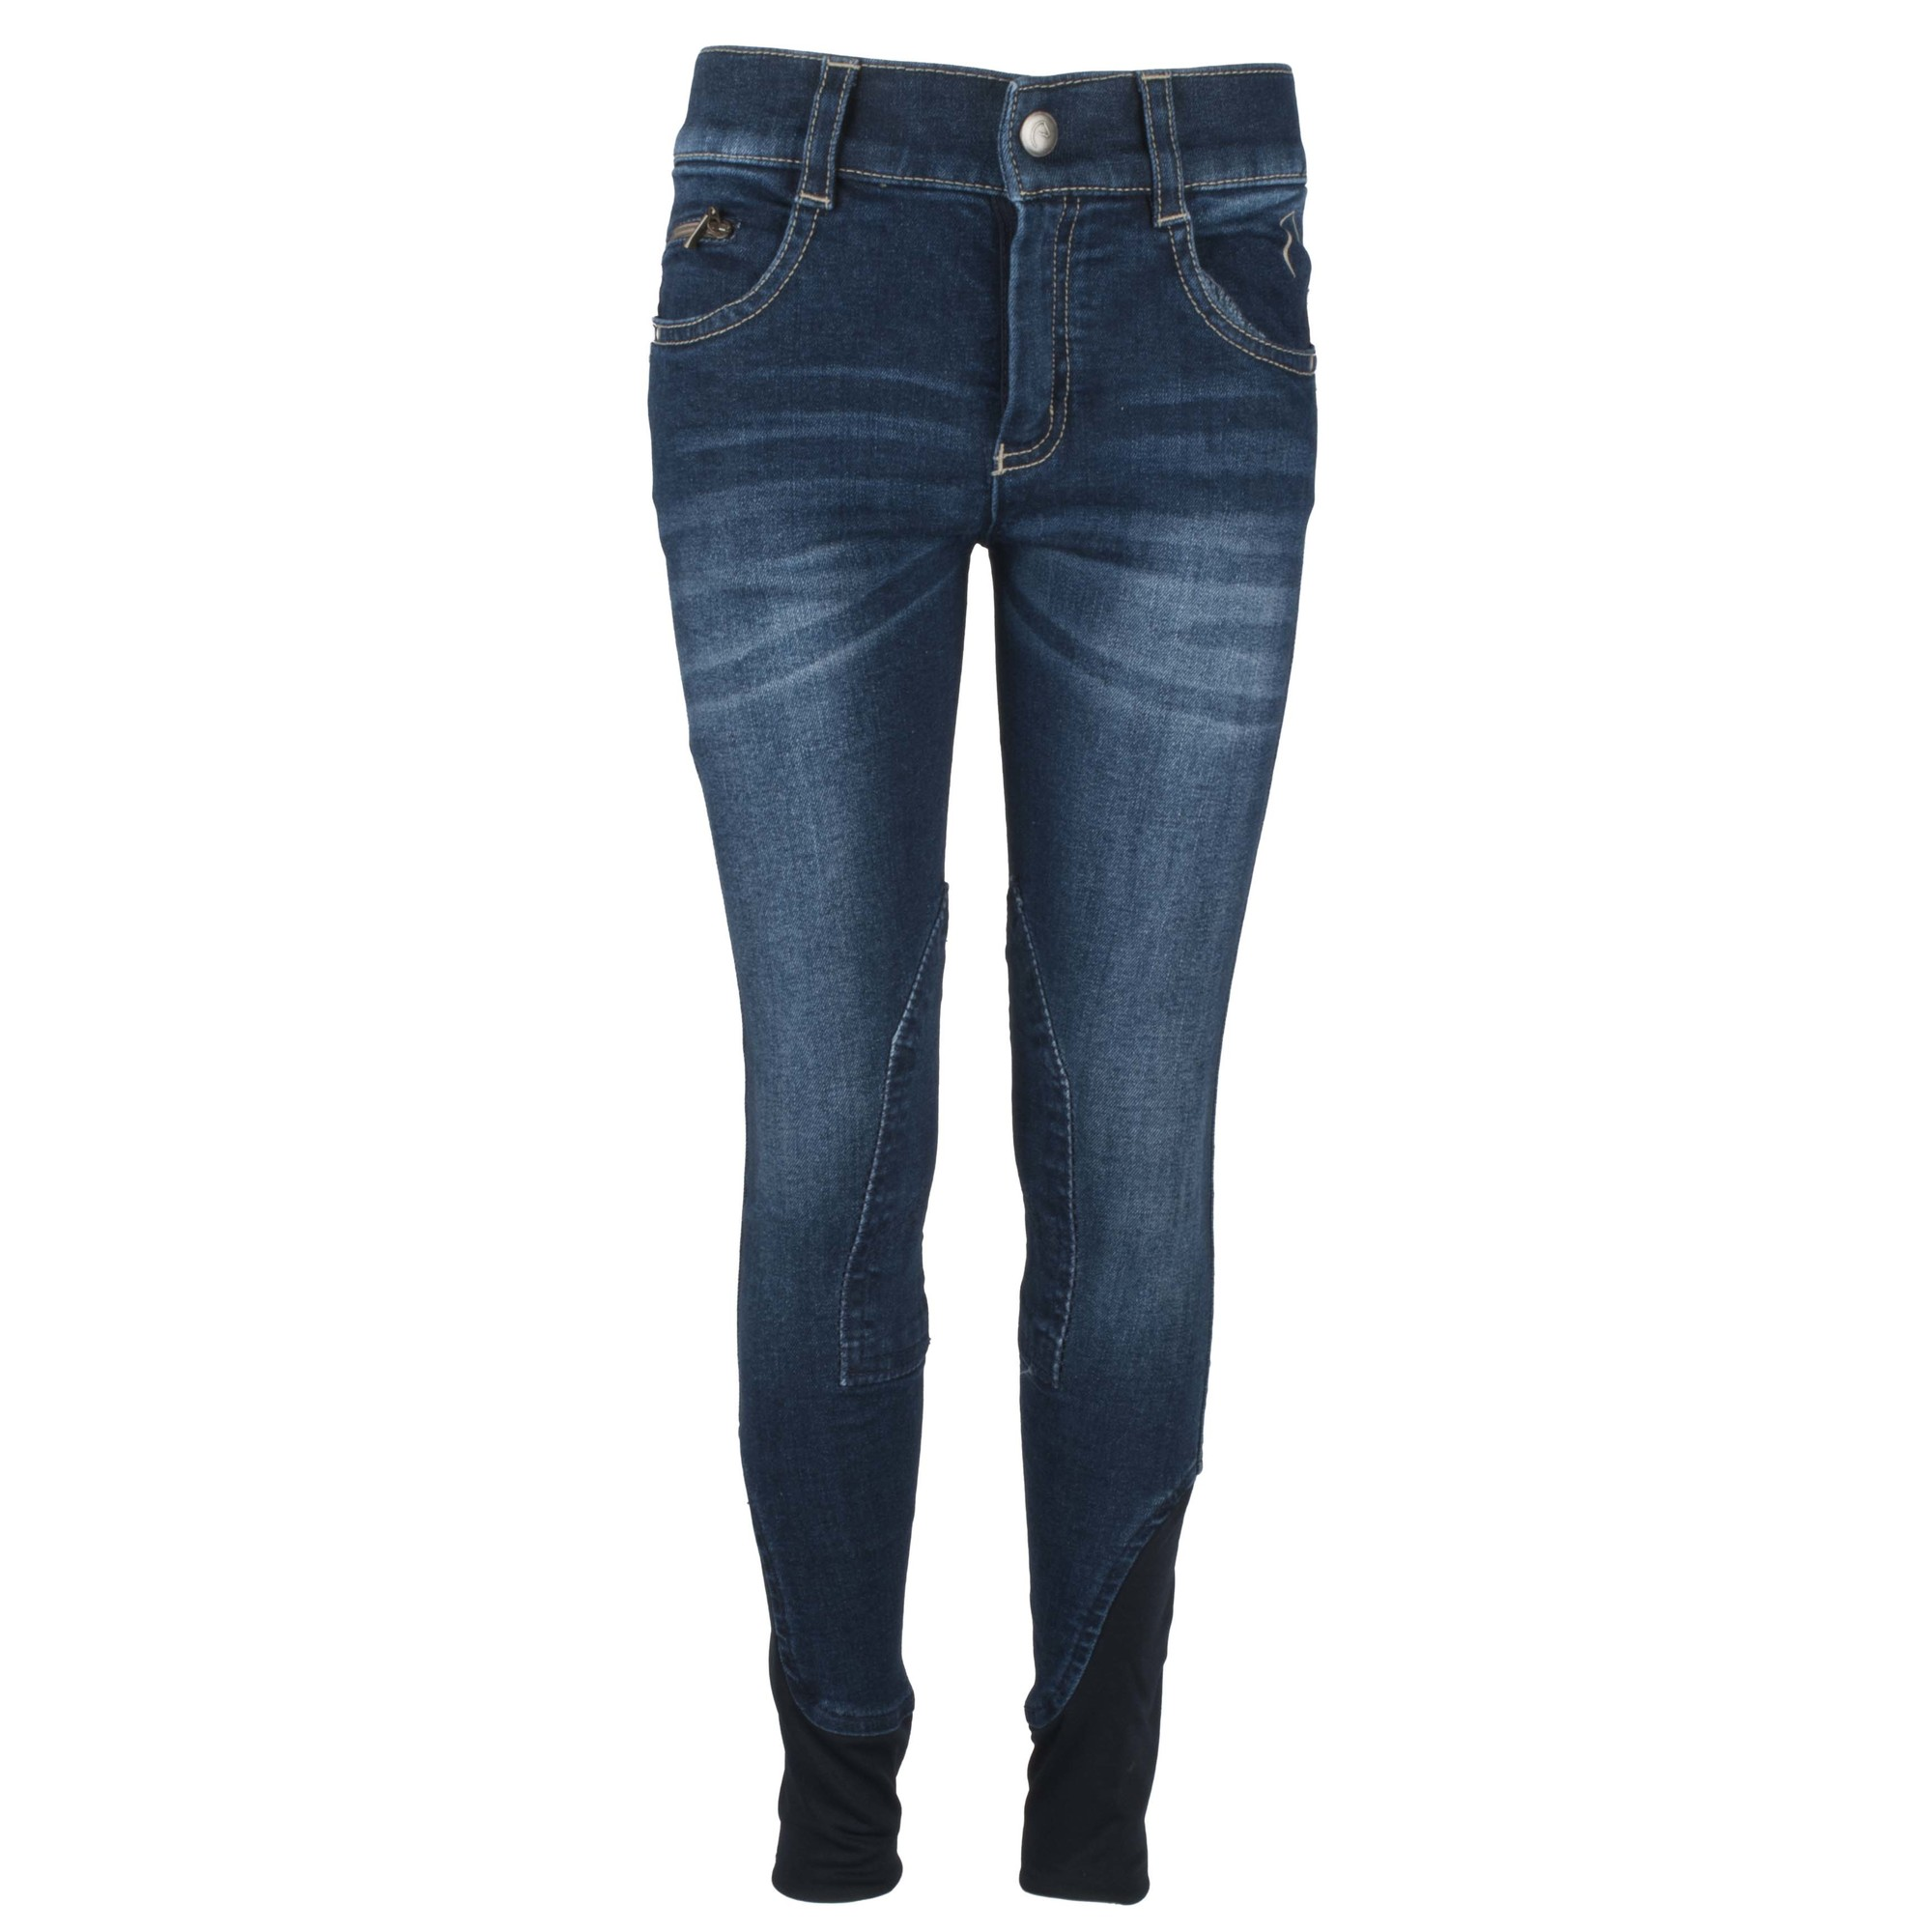 Equitheme Texas jeans kinder rijbroek donkerblauw maat:176